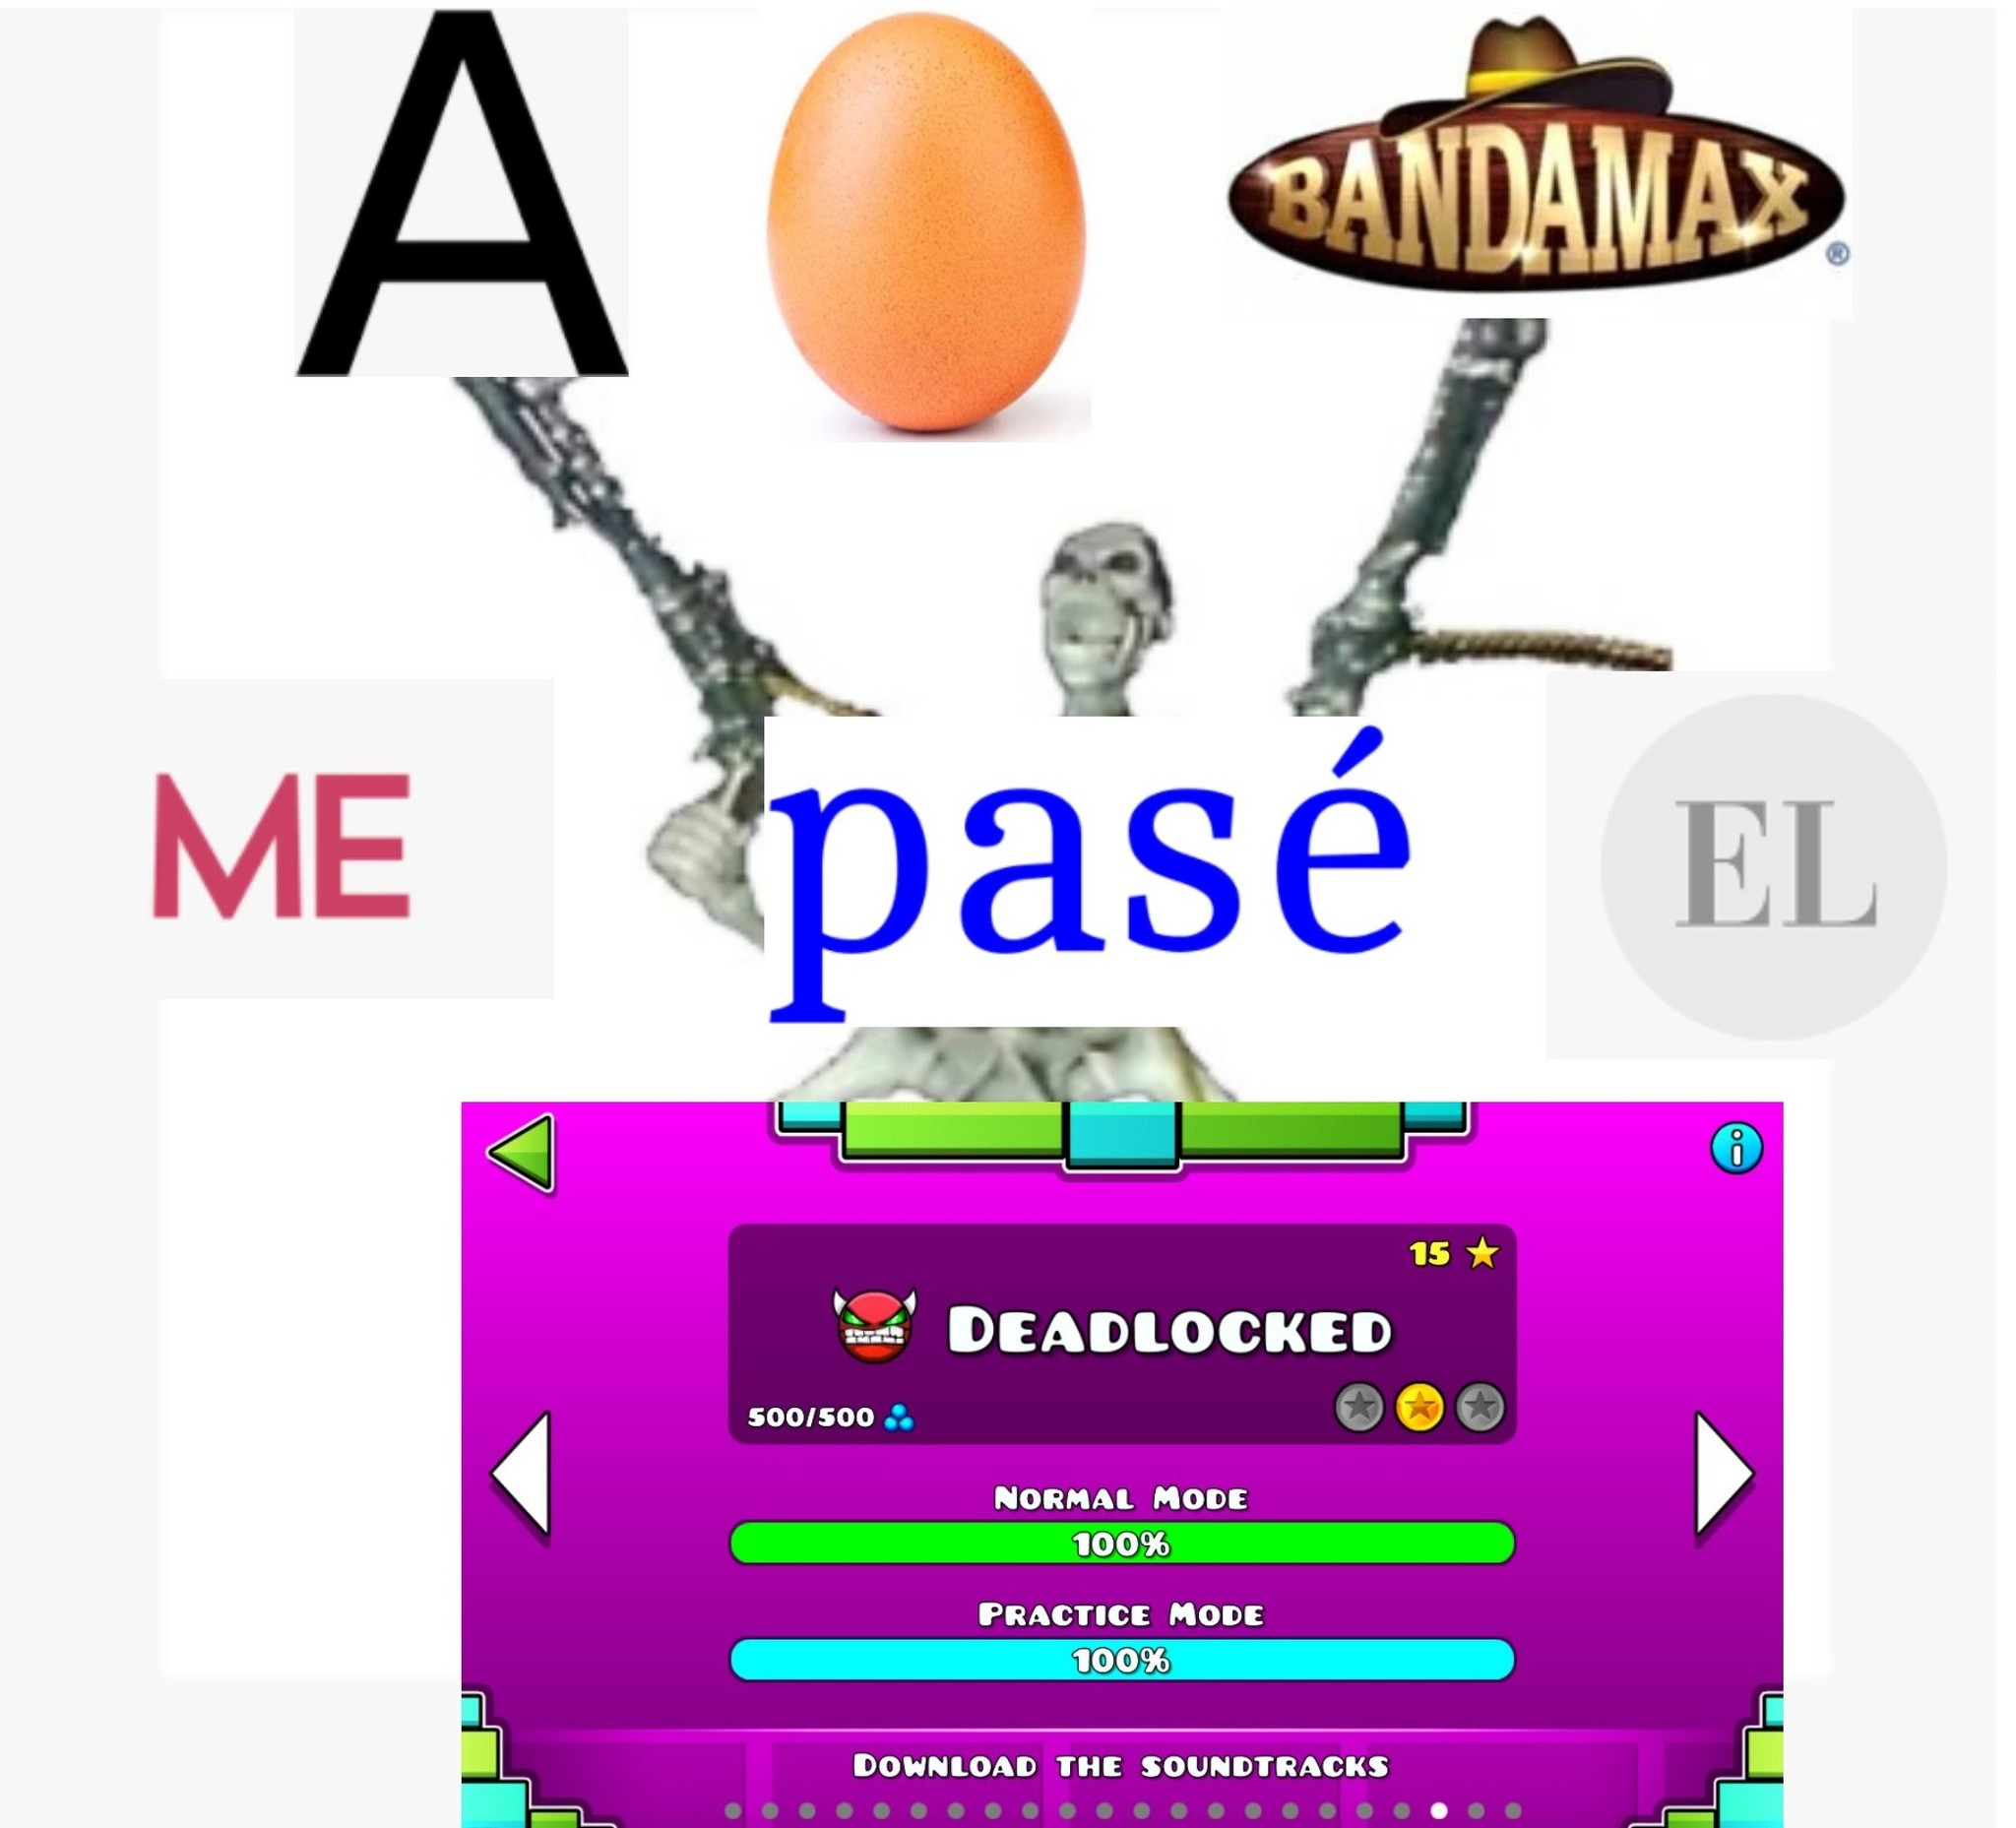 LA TENGO RE GRANDEEEEEEEEEE - meme